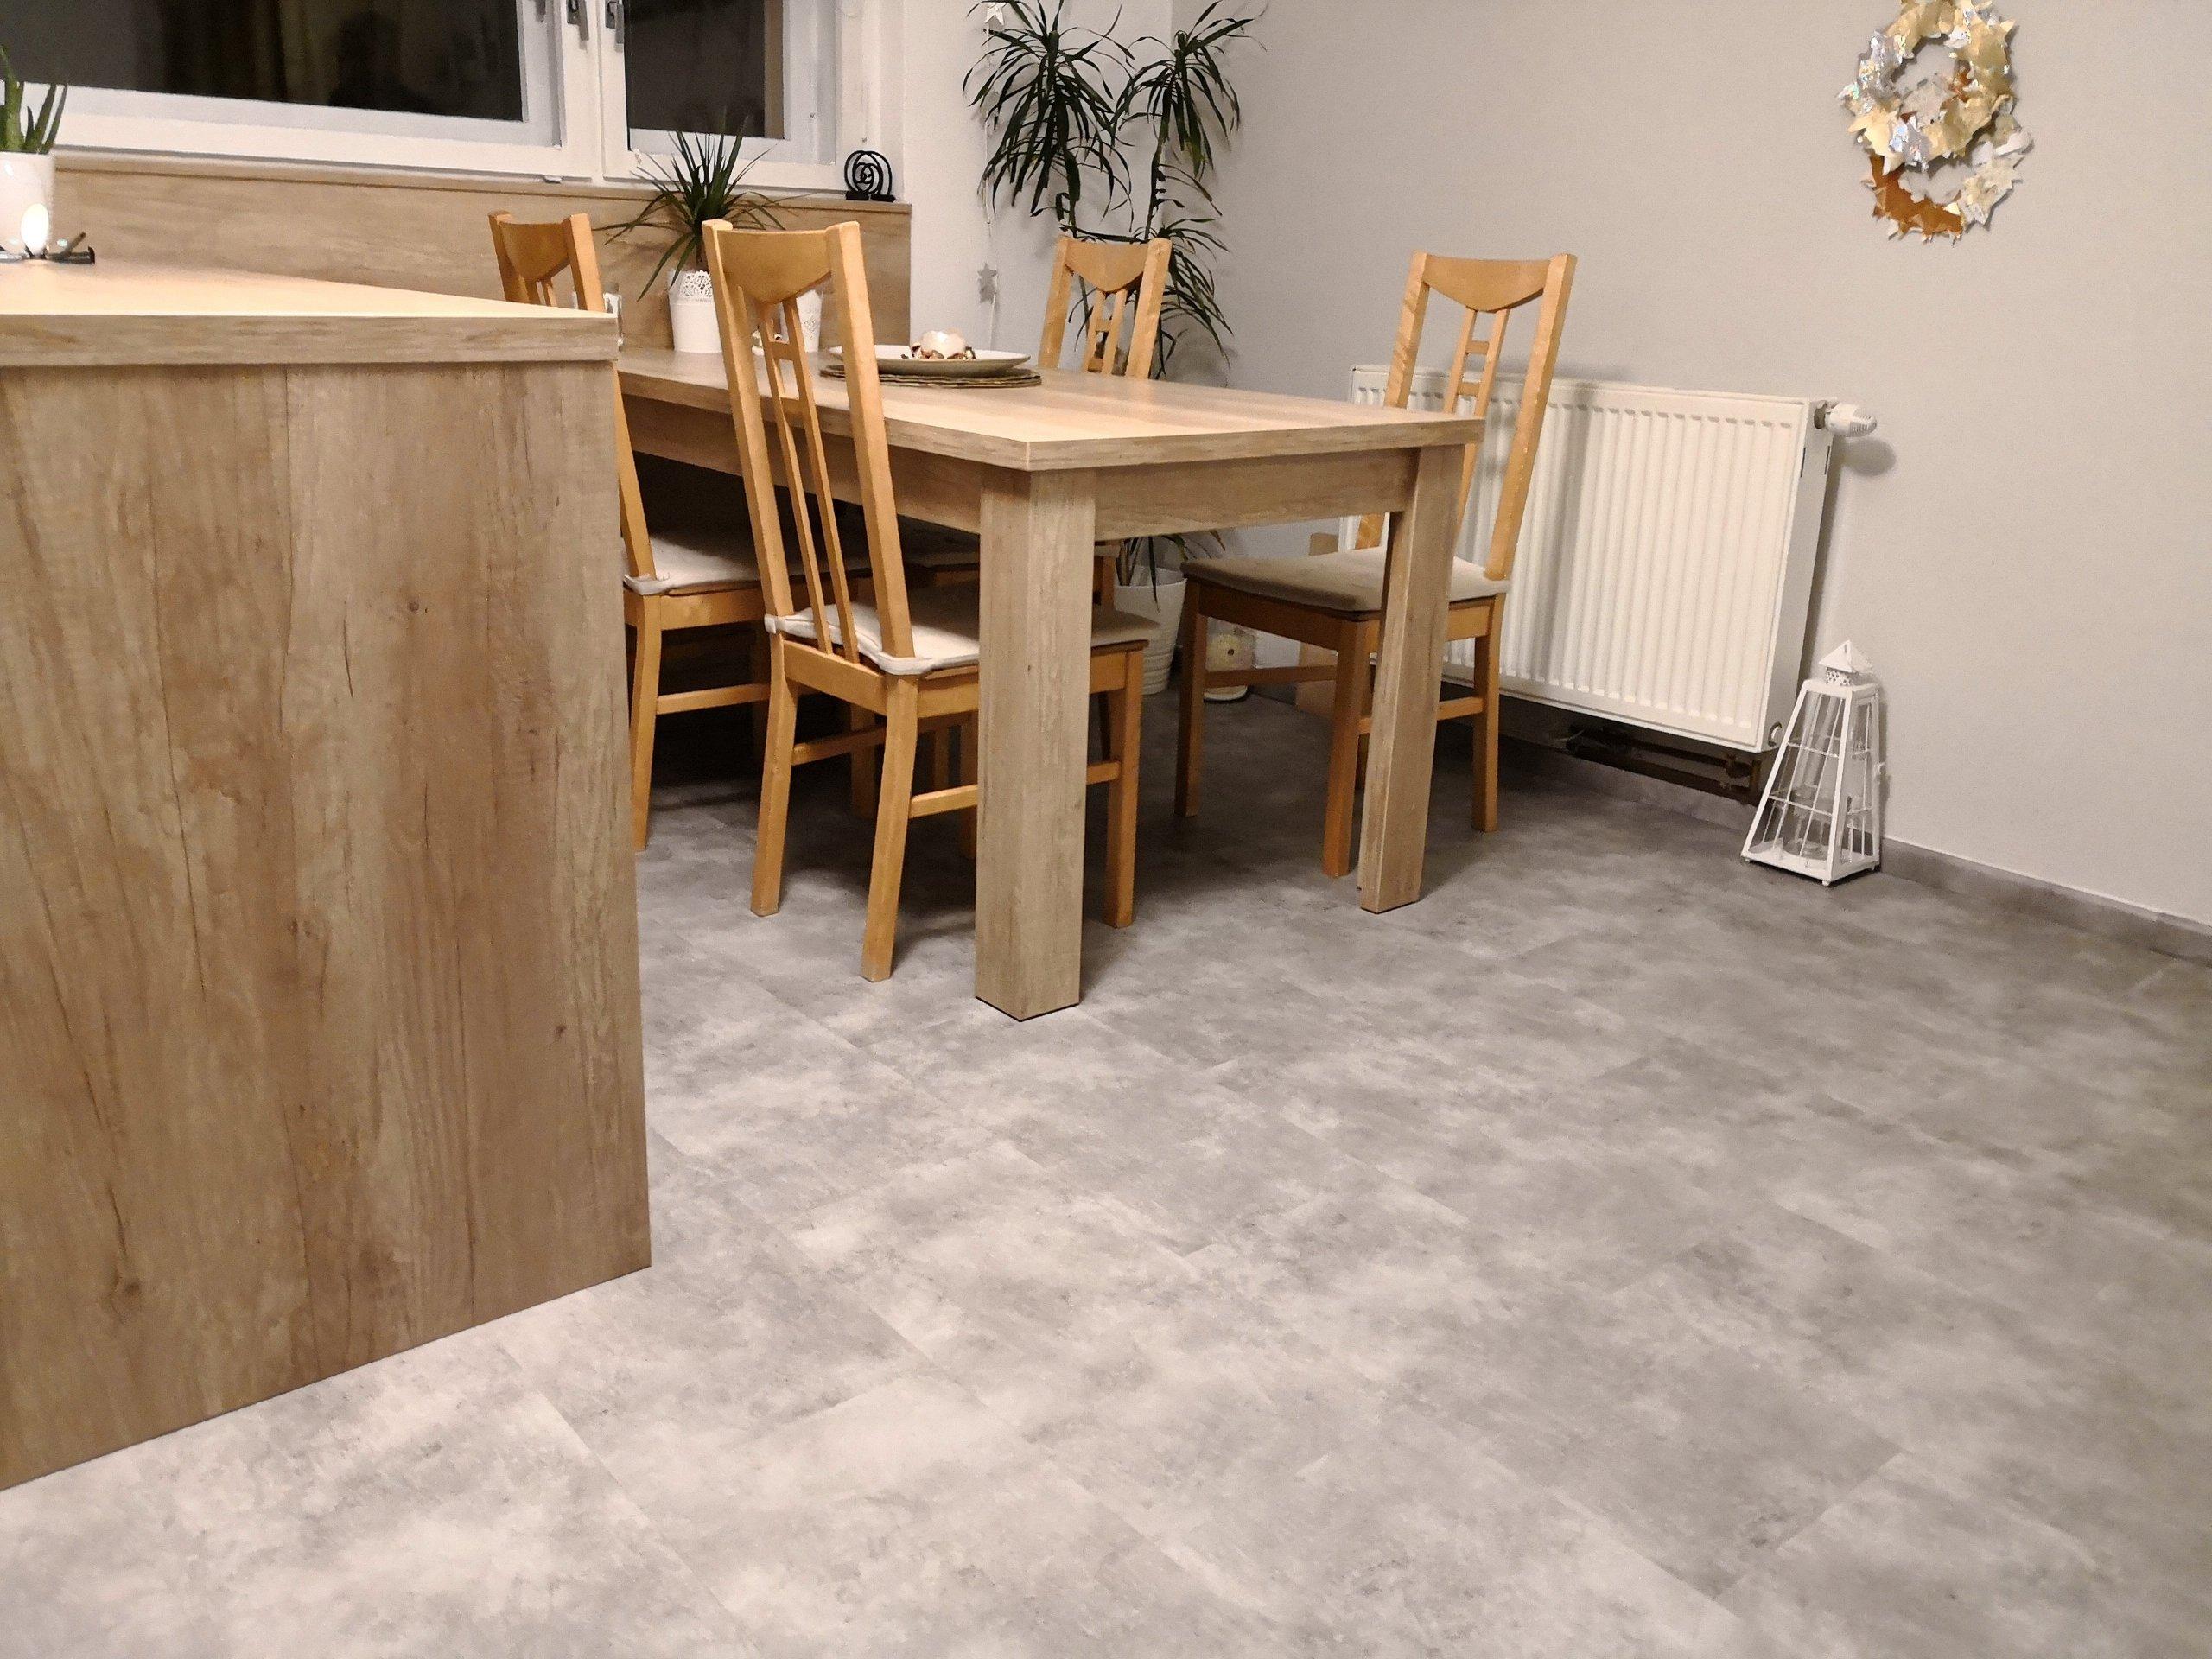 Šedý dekor na podlaze je vkusně doplněn prvky s dekorem dřeva.